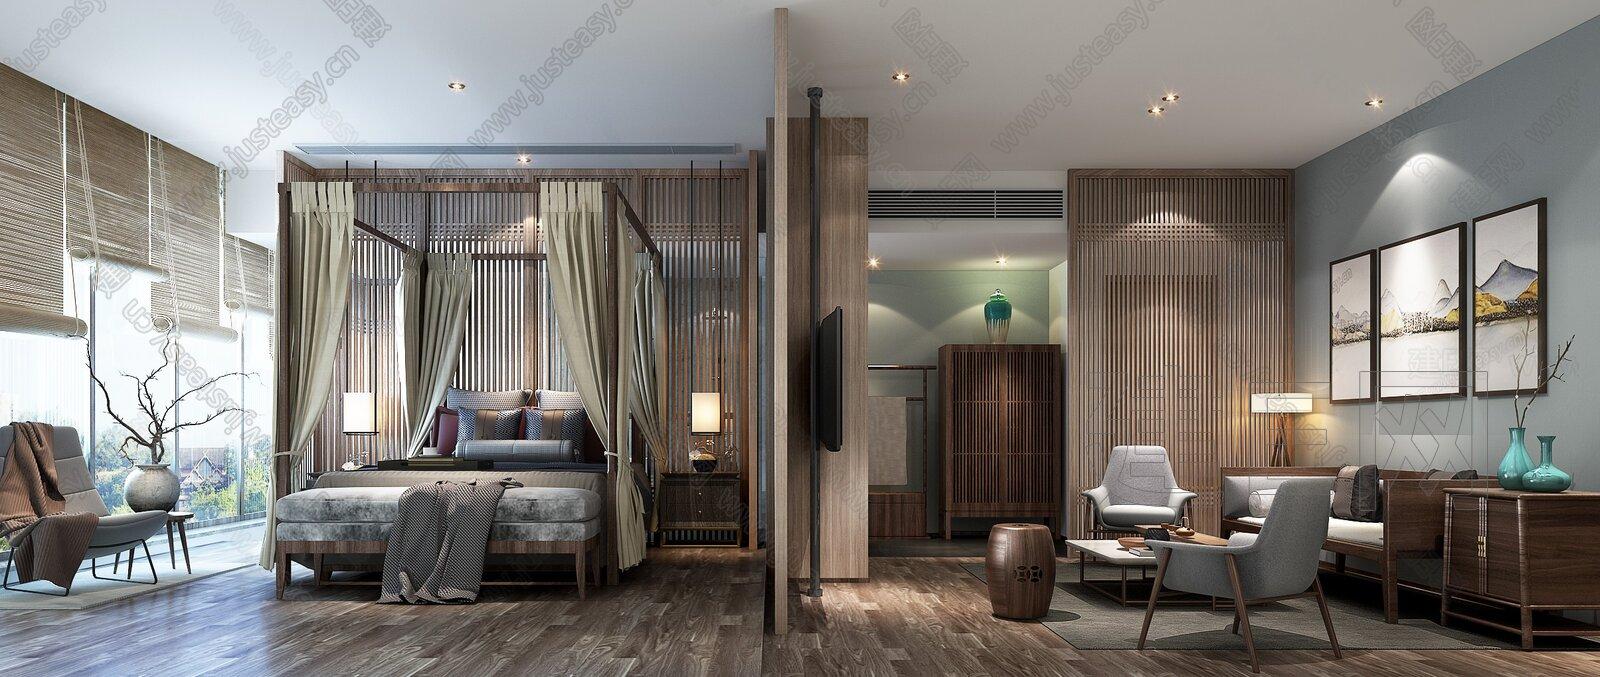 新中式客房套间3d模型